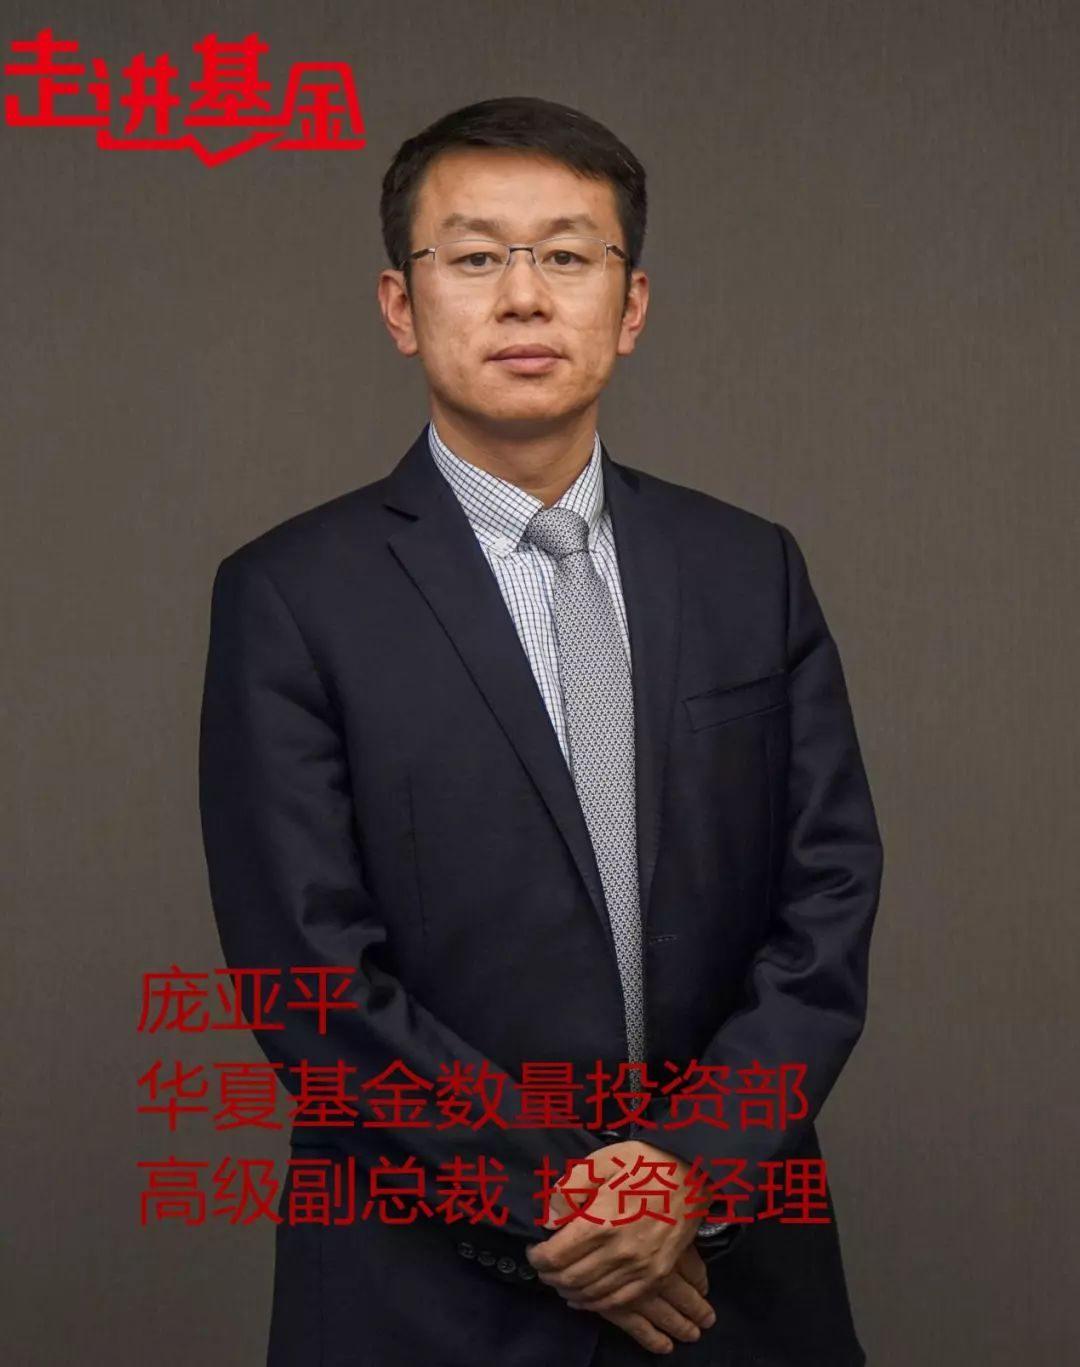 华夏基金庞亚平:ETF大规模爆发 如何进行ETF产品投资 | 走进基金